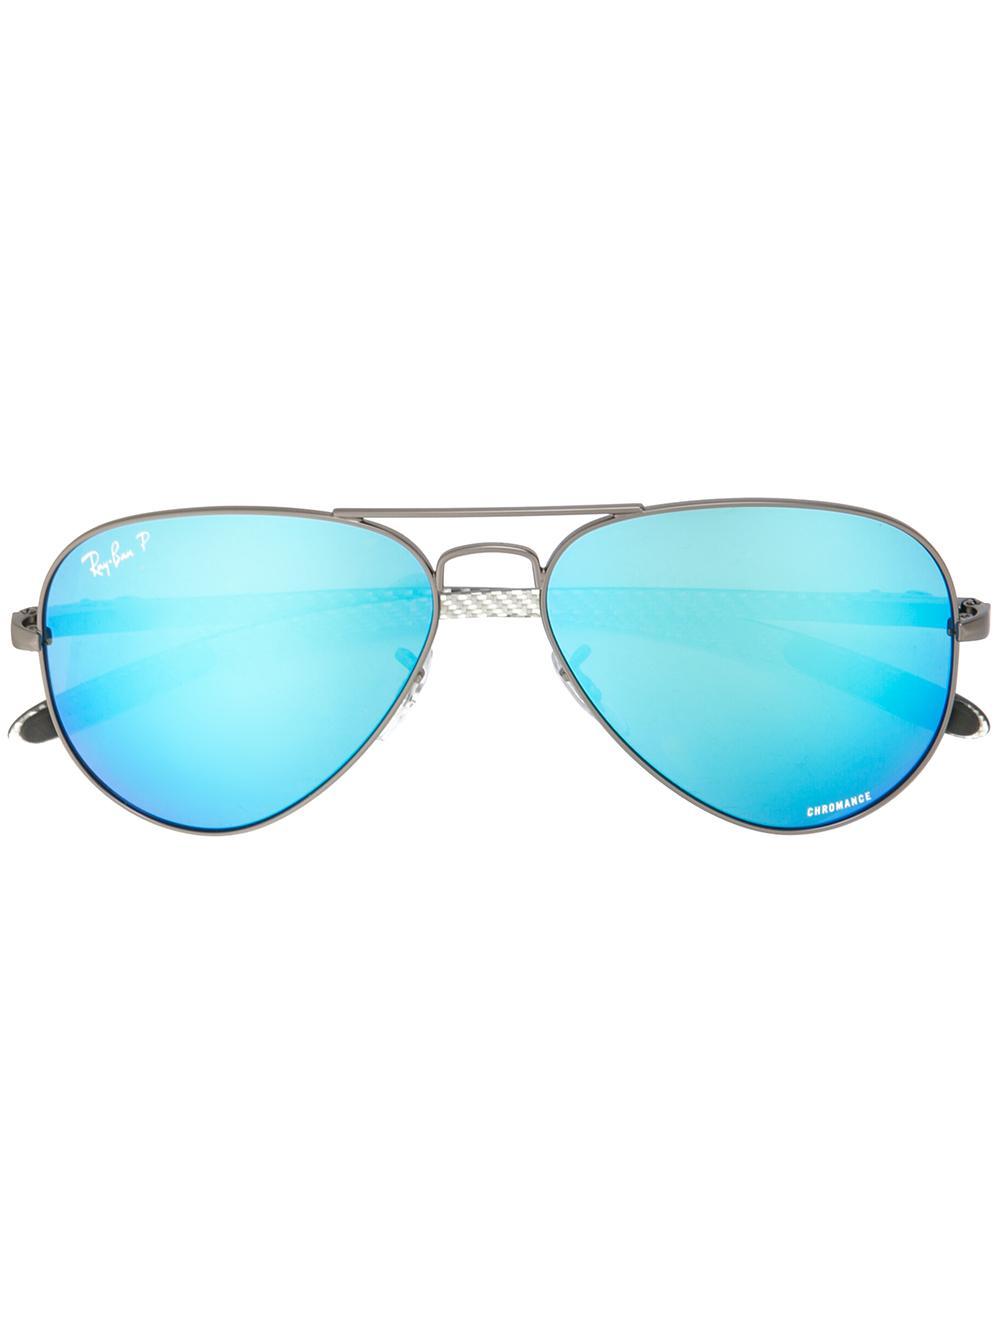 Chromance Mirrored Aviator Sunglasses